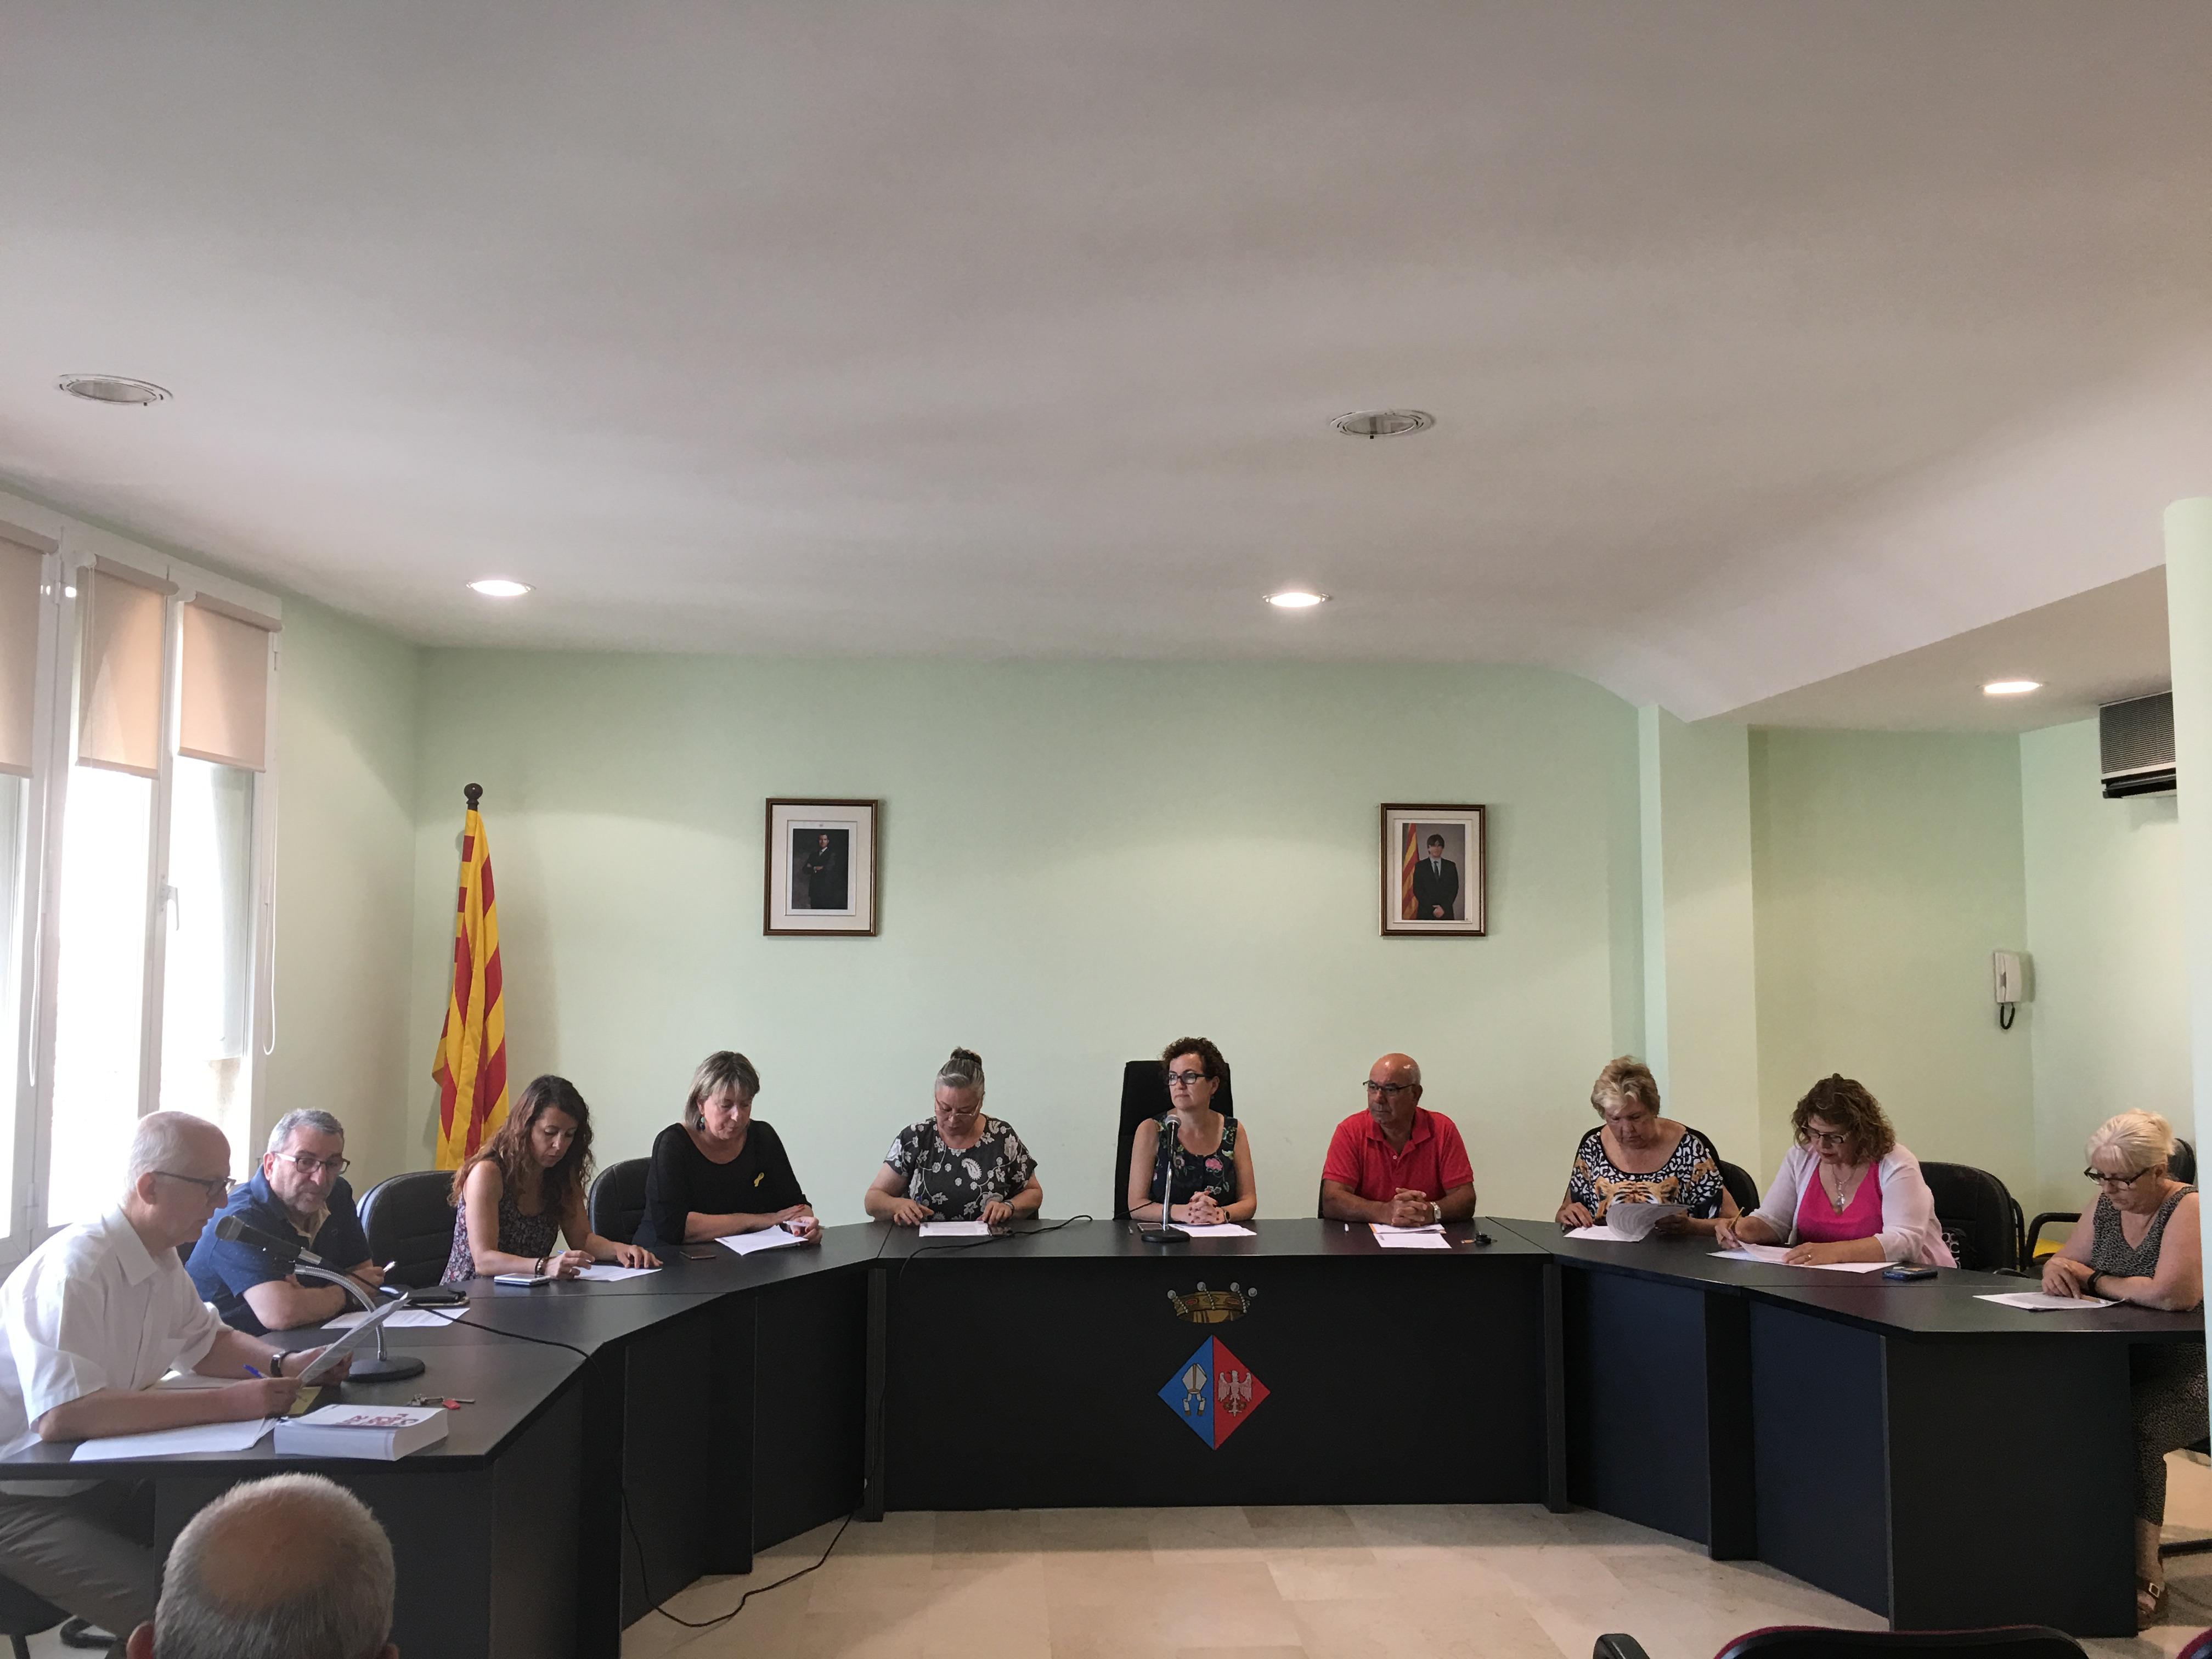 Aquest dimecres 27 de juny ha tingut lloc un Ple extraordinari a l'Ajuntament de la Bisbal del Penedès